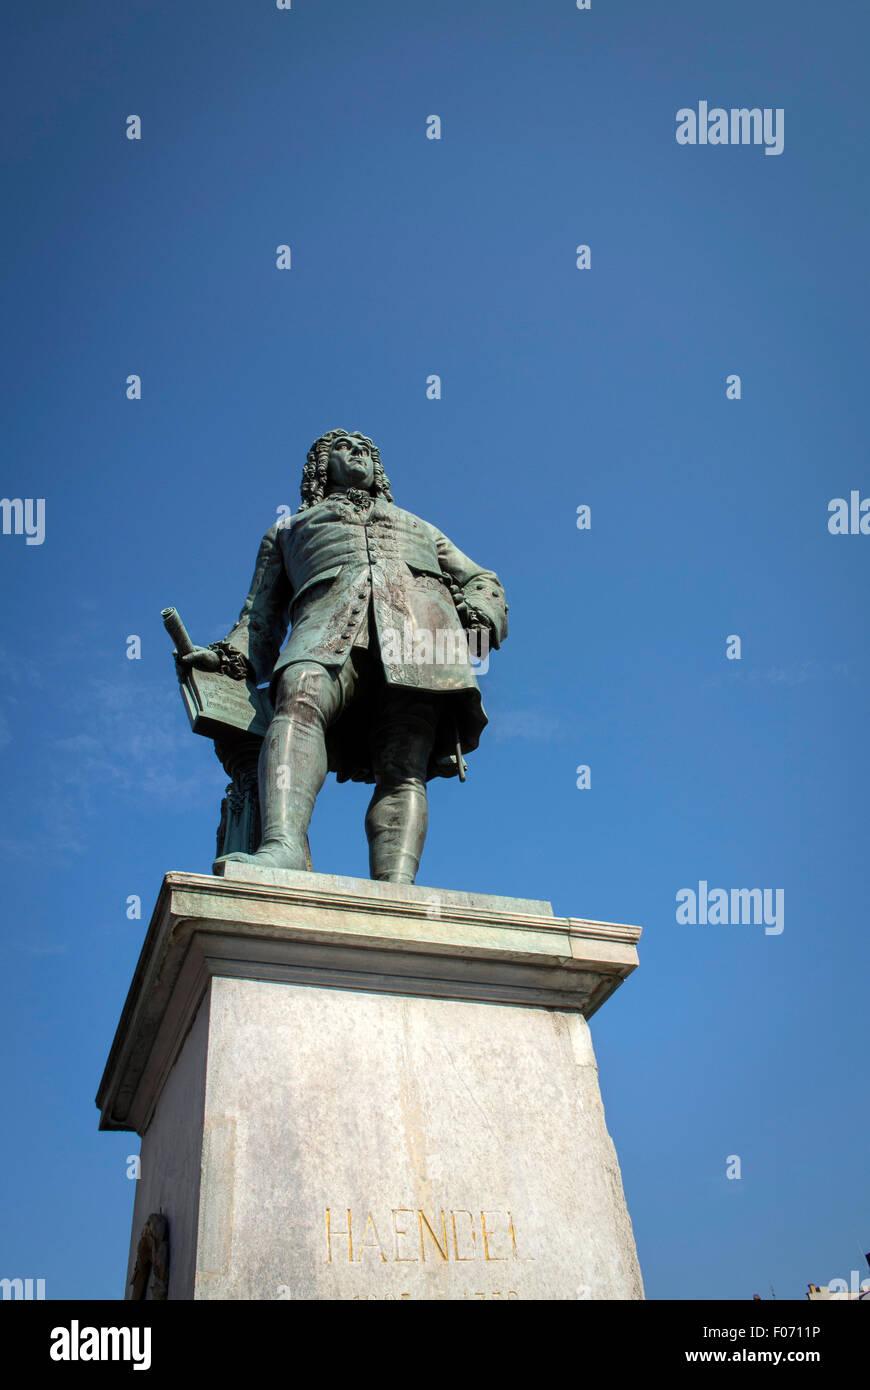 Halle, Deutschland ist der Geburtsort des Komponisten Georg Friedrich Händel. Eine Statue ist auf dem Marktplatz Stockbild